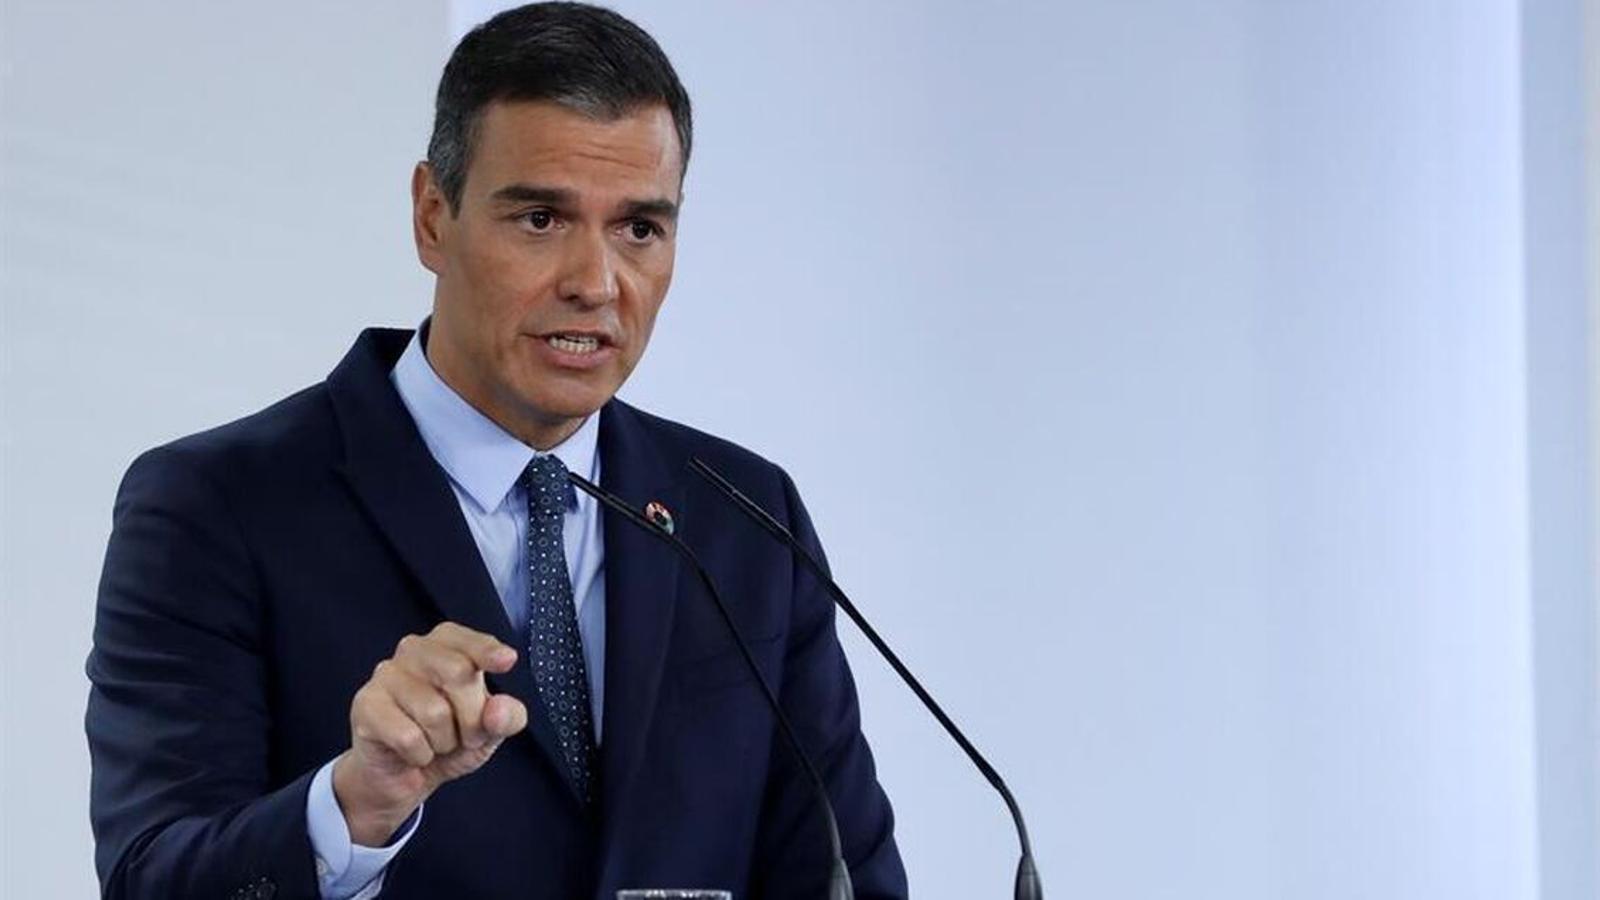 El president del govern espanyol, Pedro Sánchez, durant la presentació aquest dimecres del pla de recuperació econòmic.